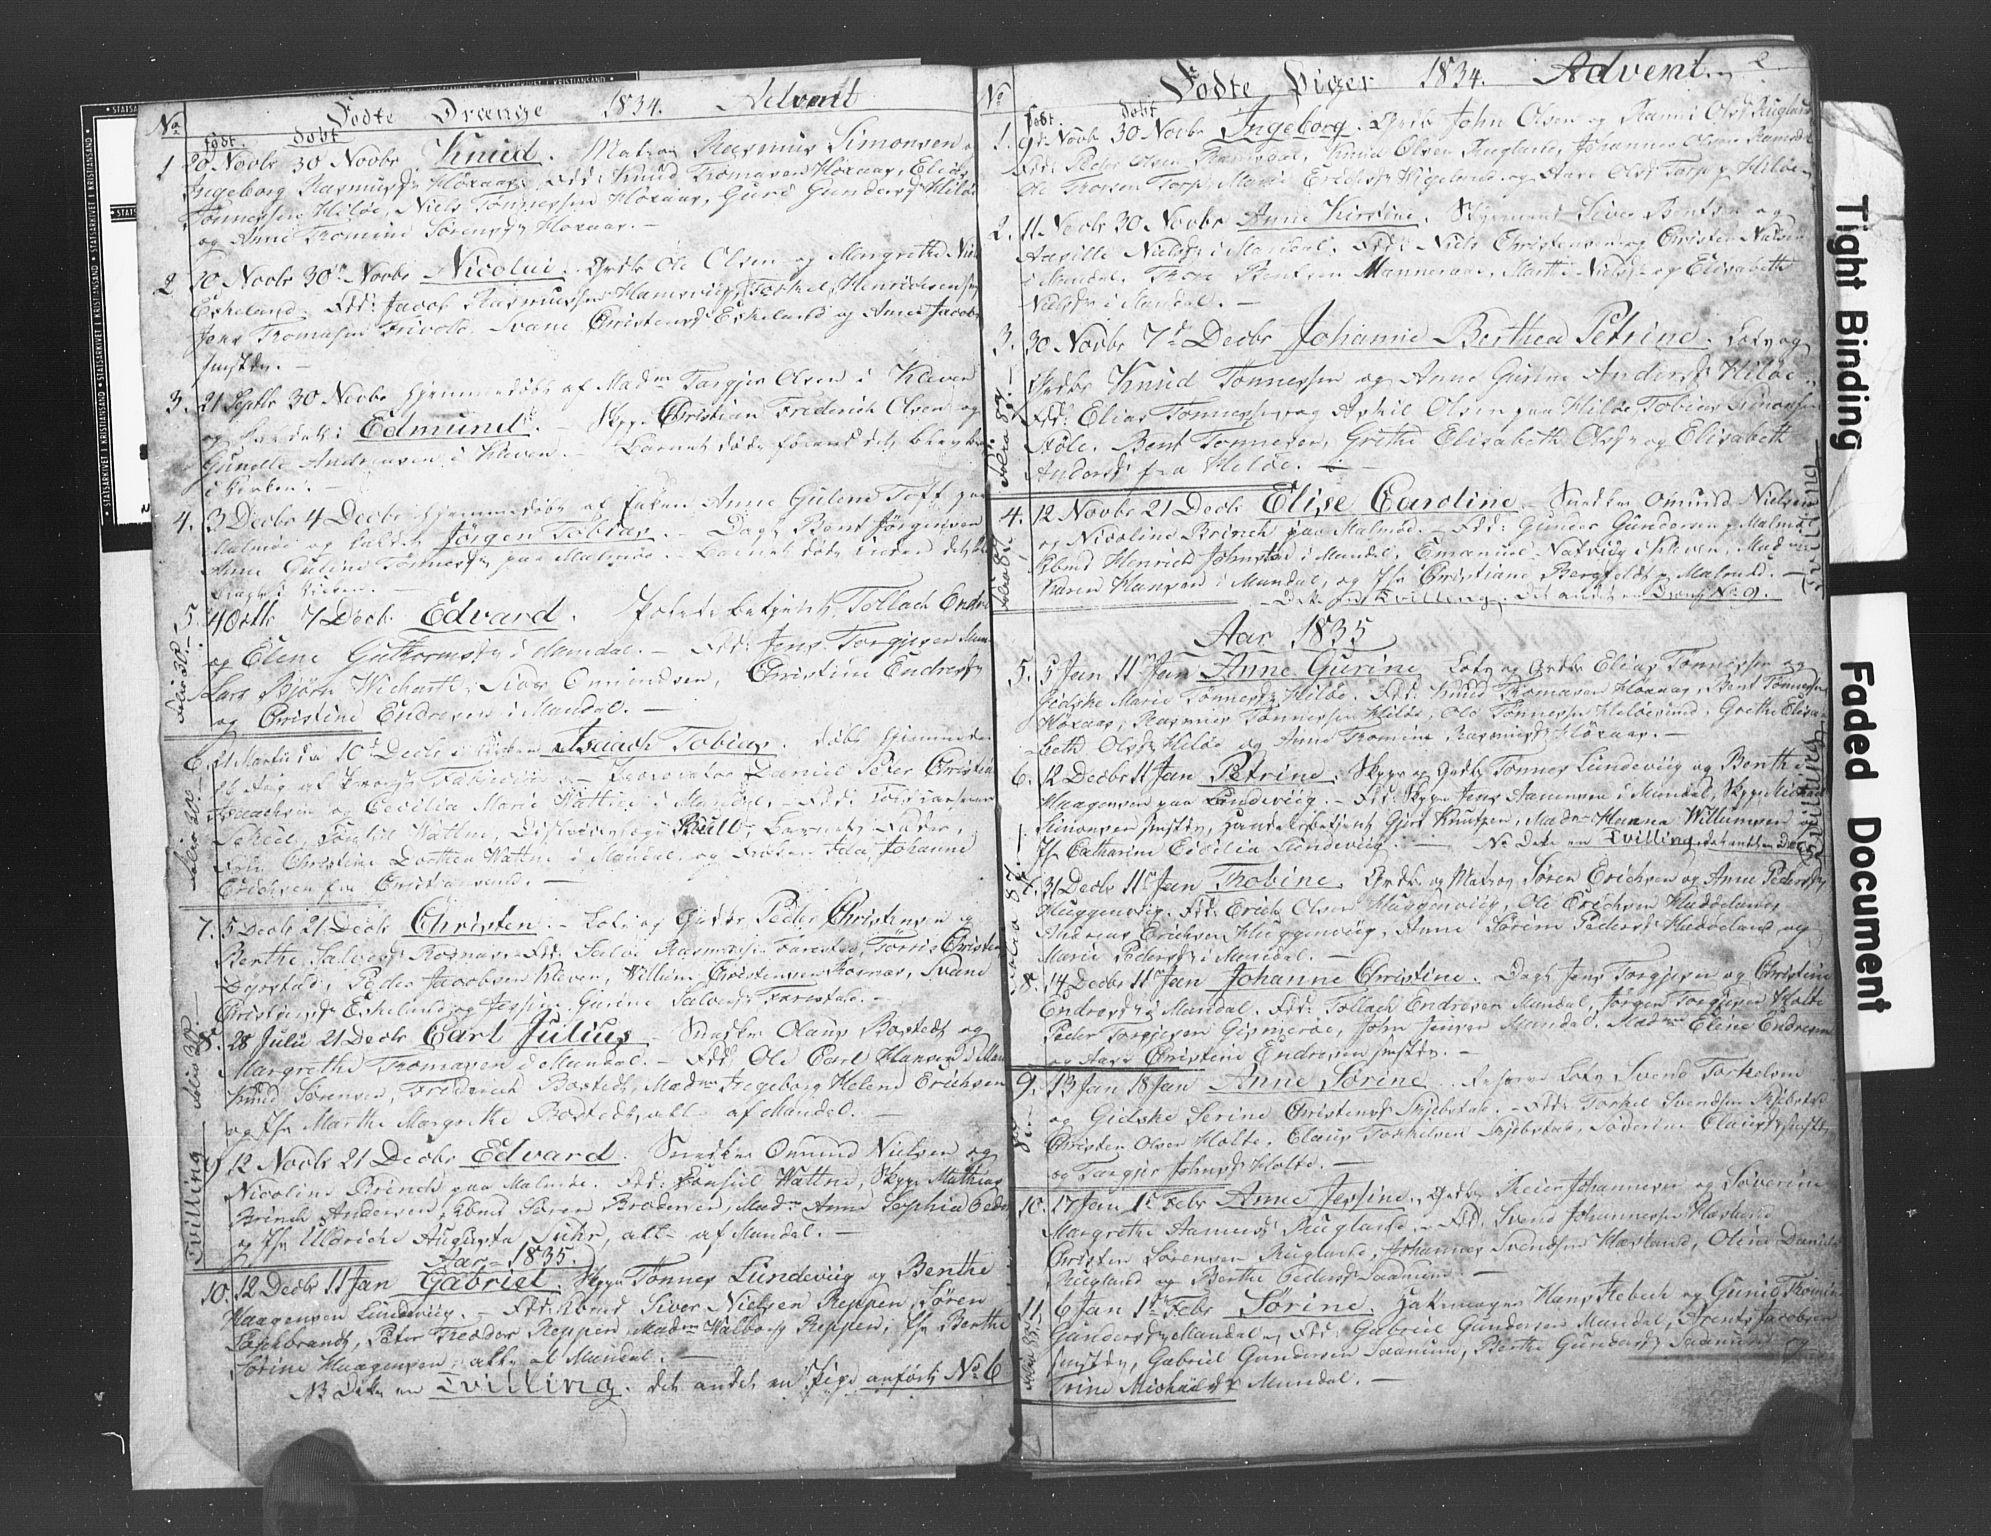 SAK, Mandal sokneprestkontor, F/Fb/Fba/L0003: Klokkerbok nr. B 1C, 1834-1838, s. 2